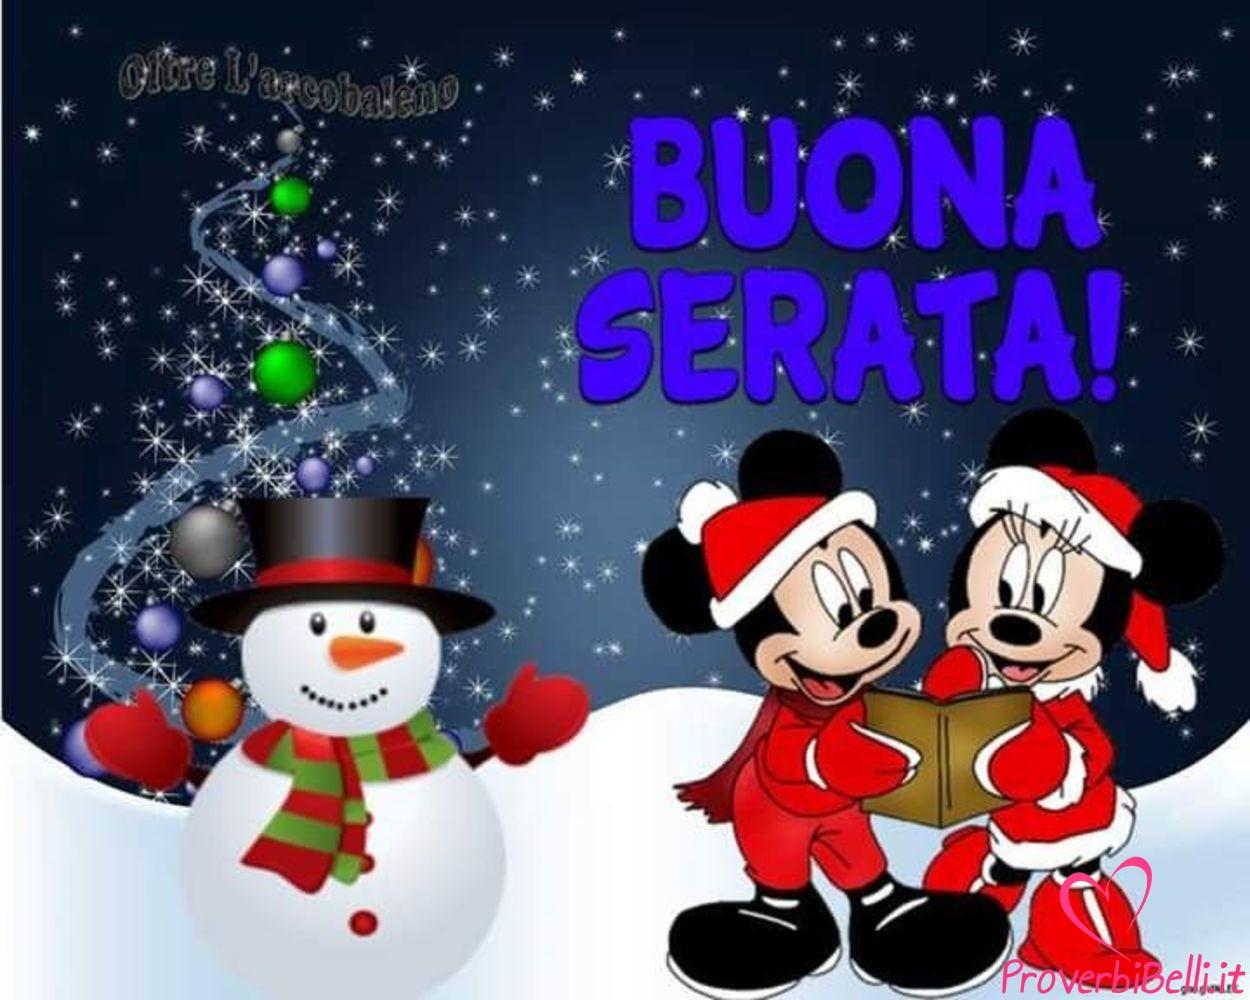 Buona-Serata-Immagini-Gratis-Whatsapp-84